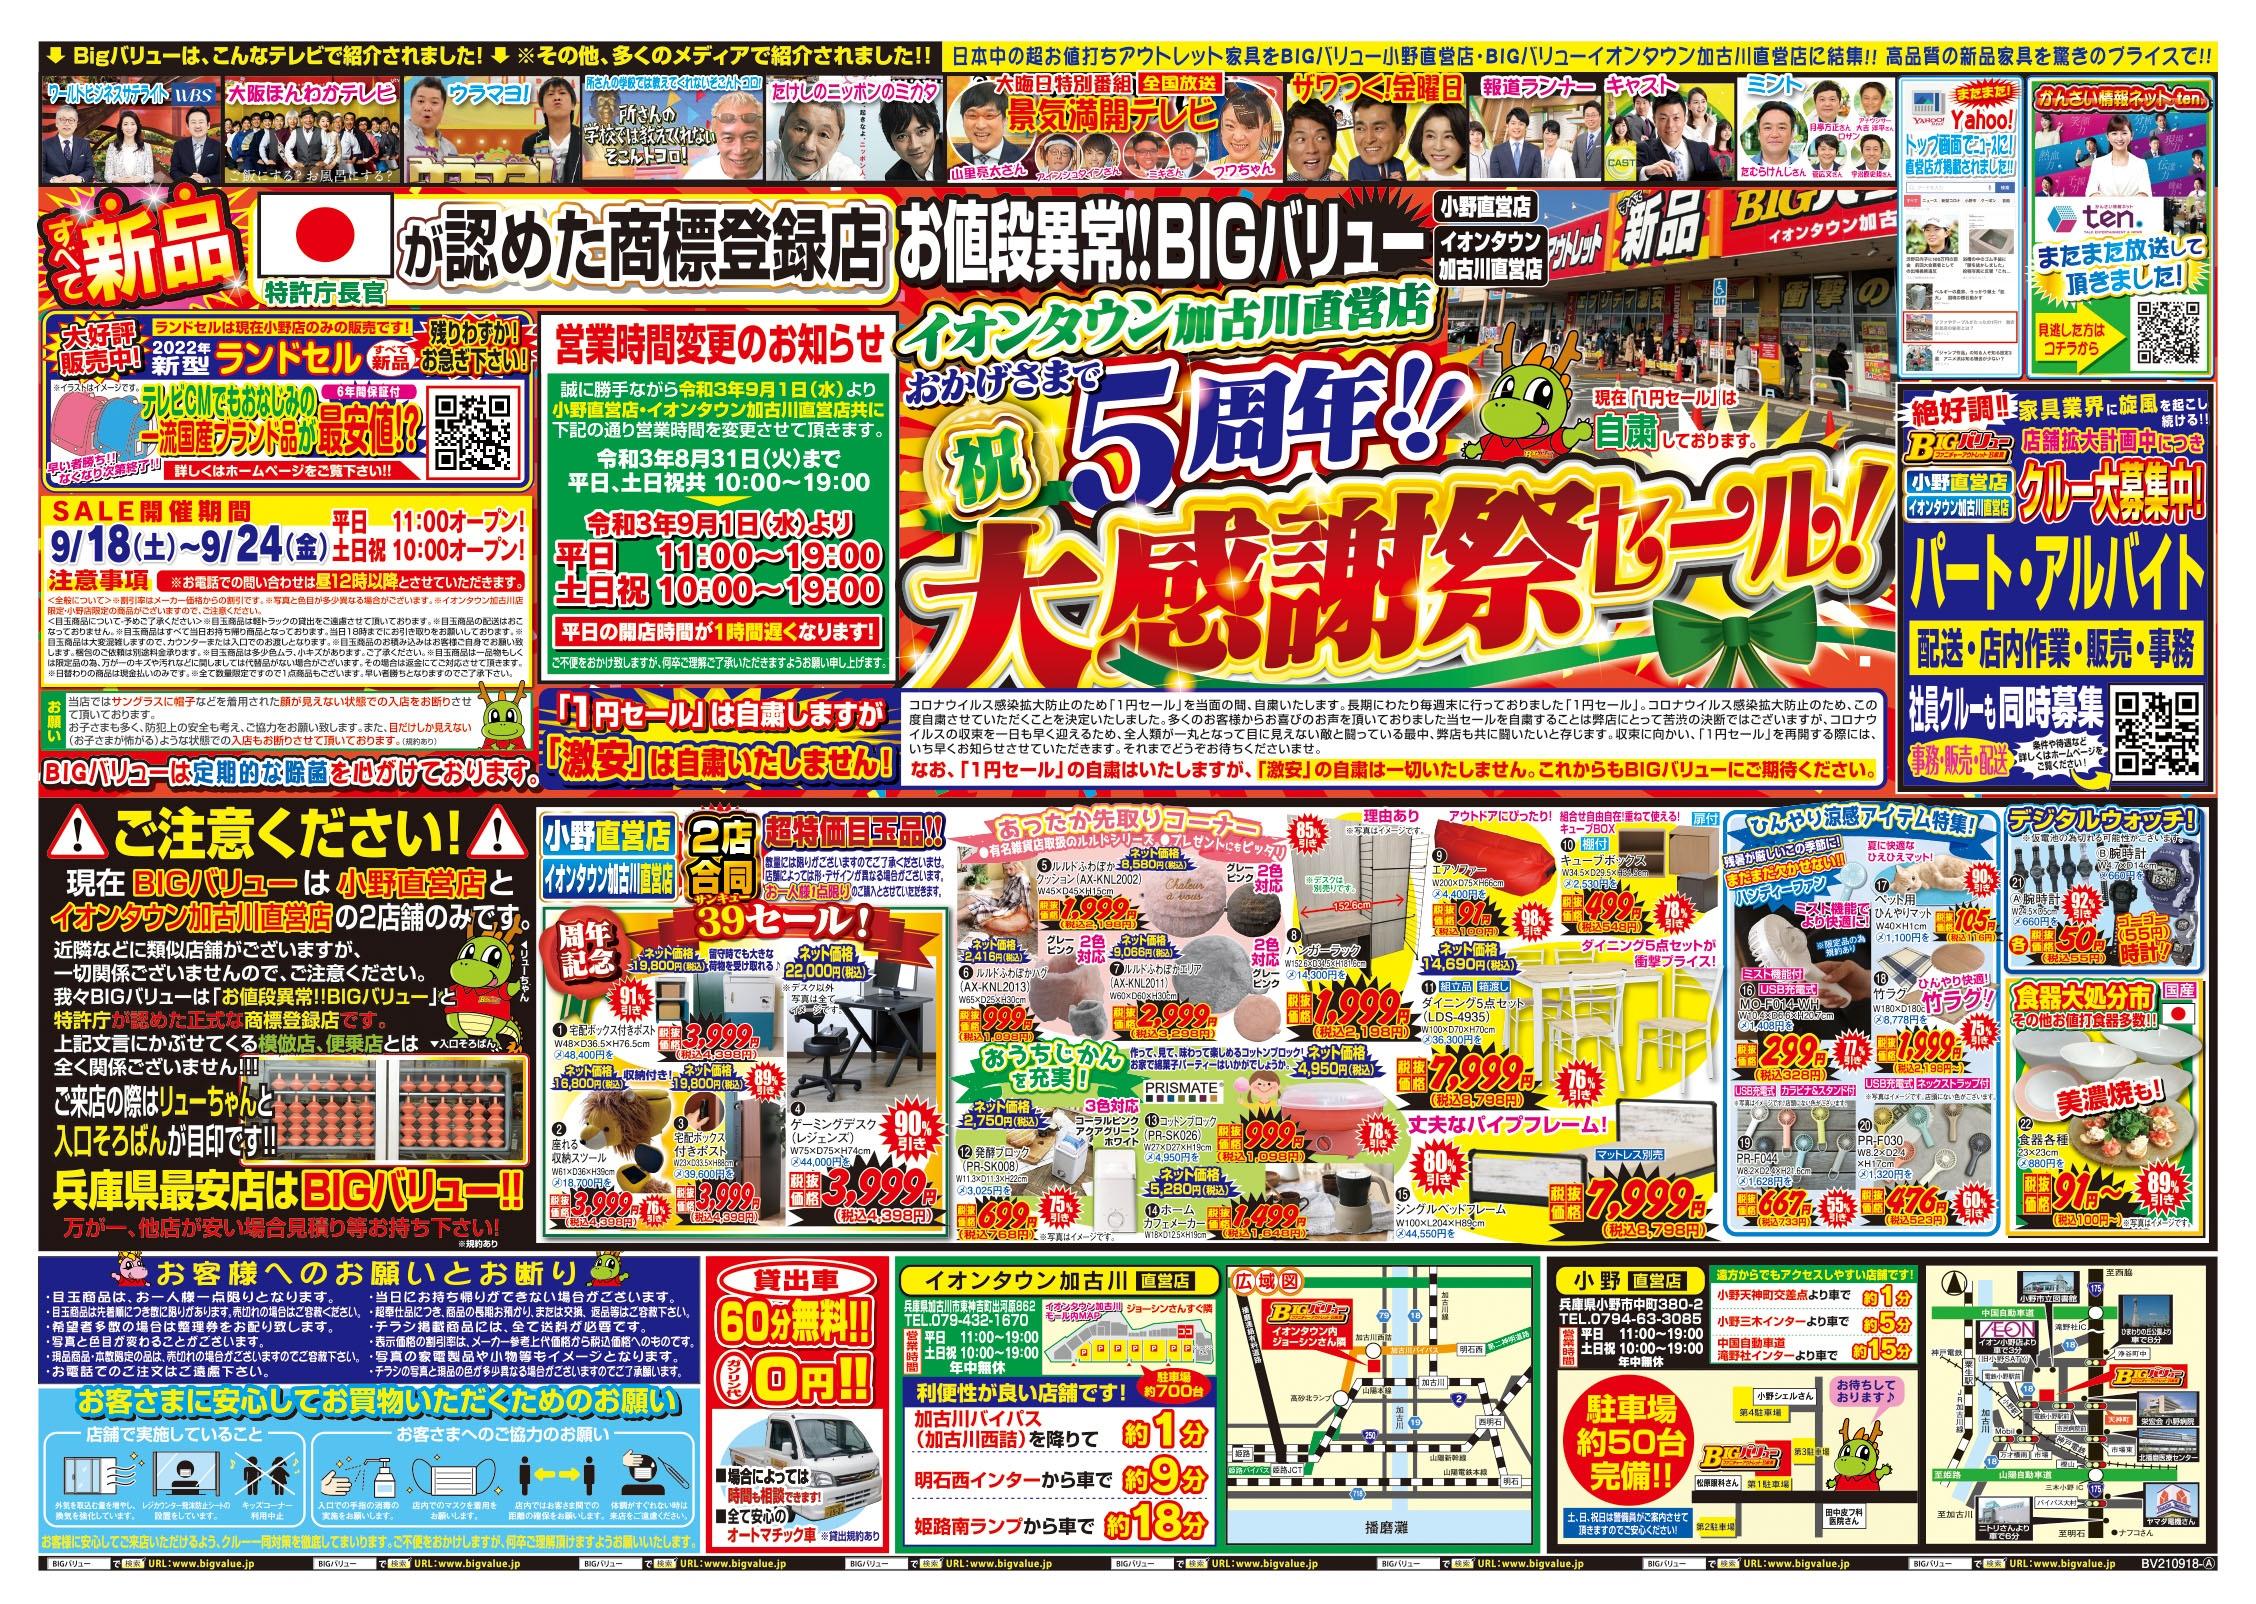 チラシ情報2021年9月18日~9月24日 小野店/イオンタウン加古川店